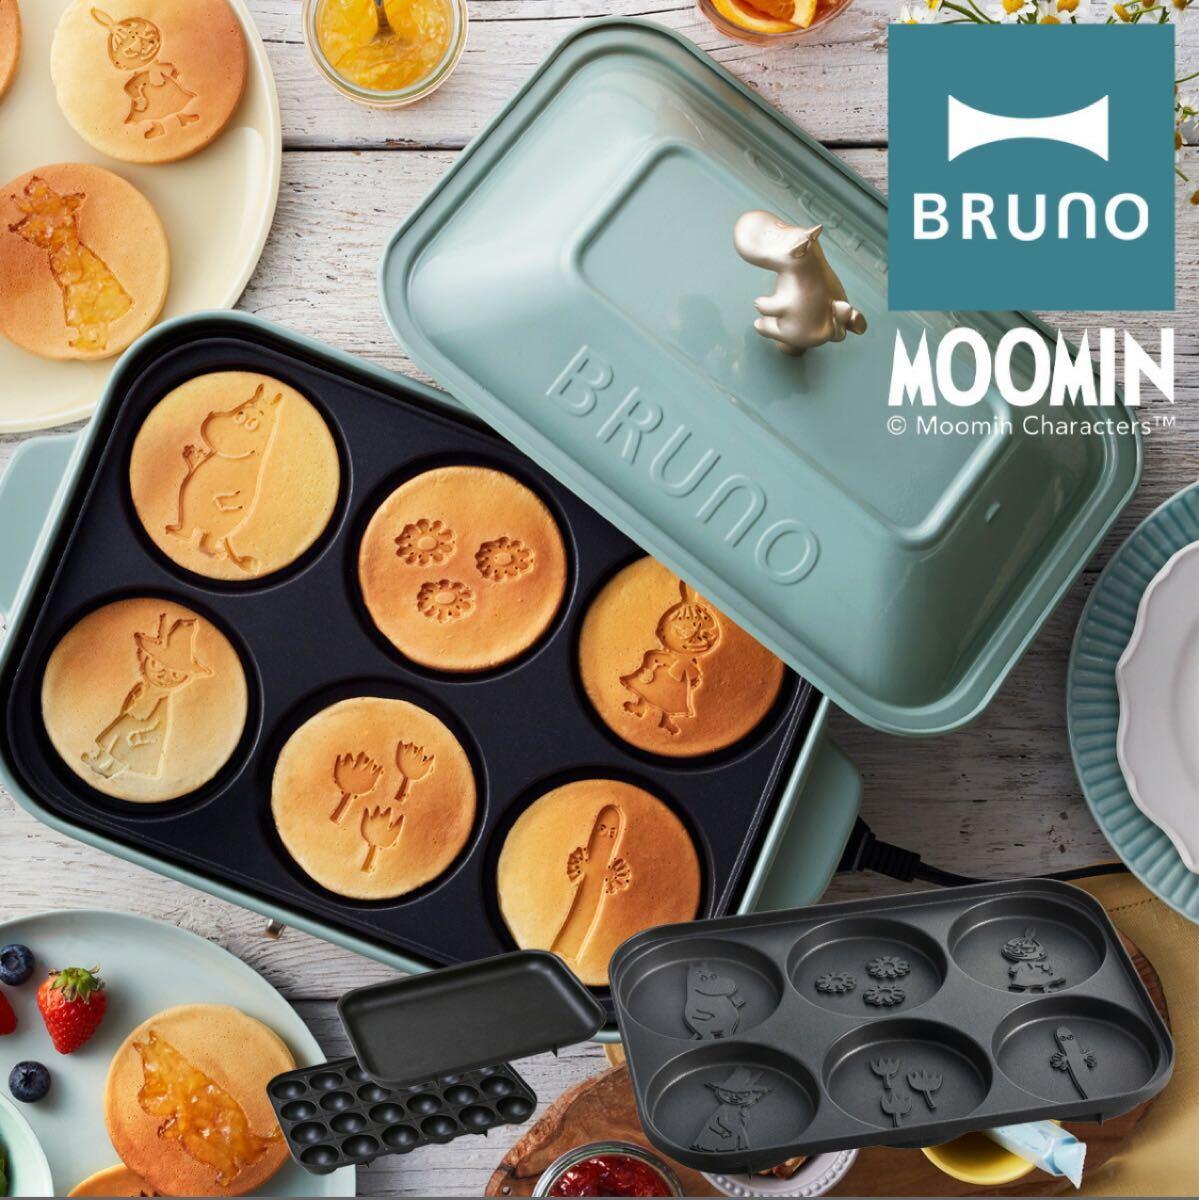 BRUNO ブルーノ ホットプレート ムーミン 本体 プレート3種(たこ焼き 平面 マルチ) BOE059-BGR